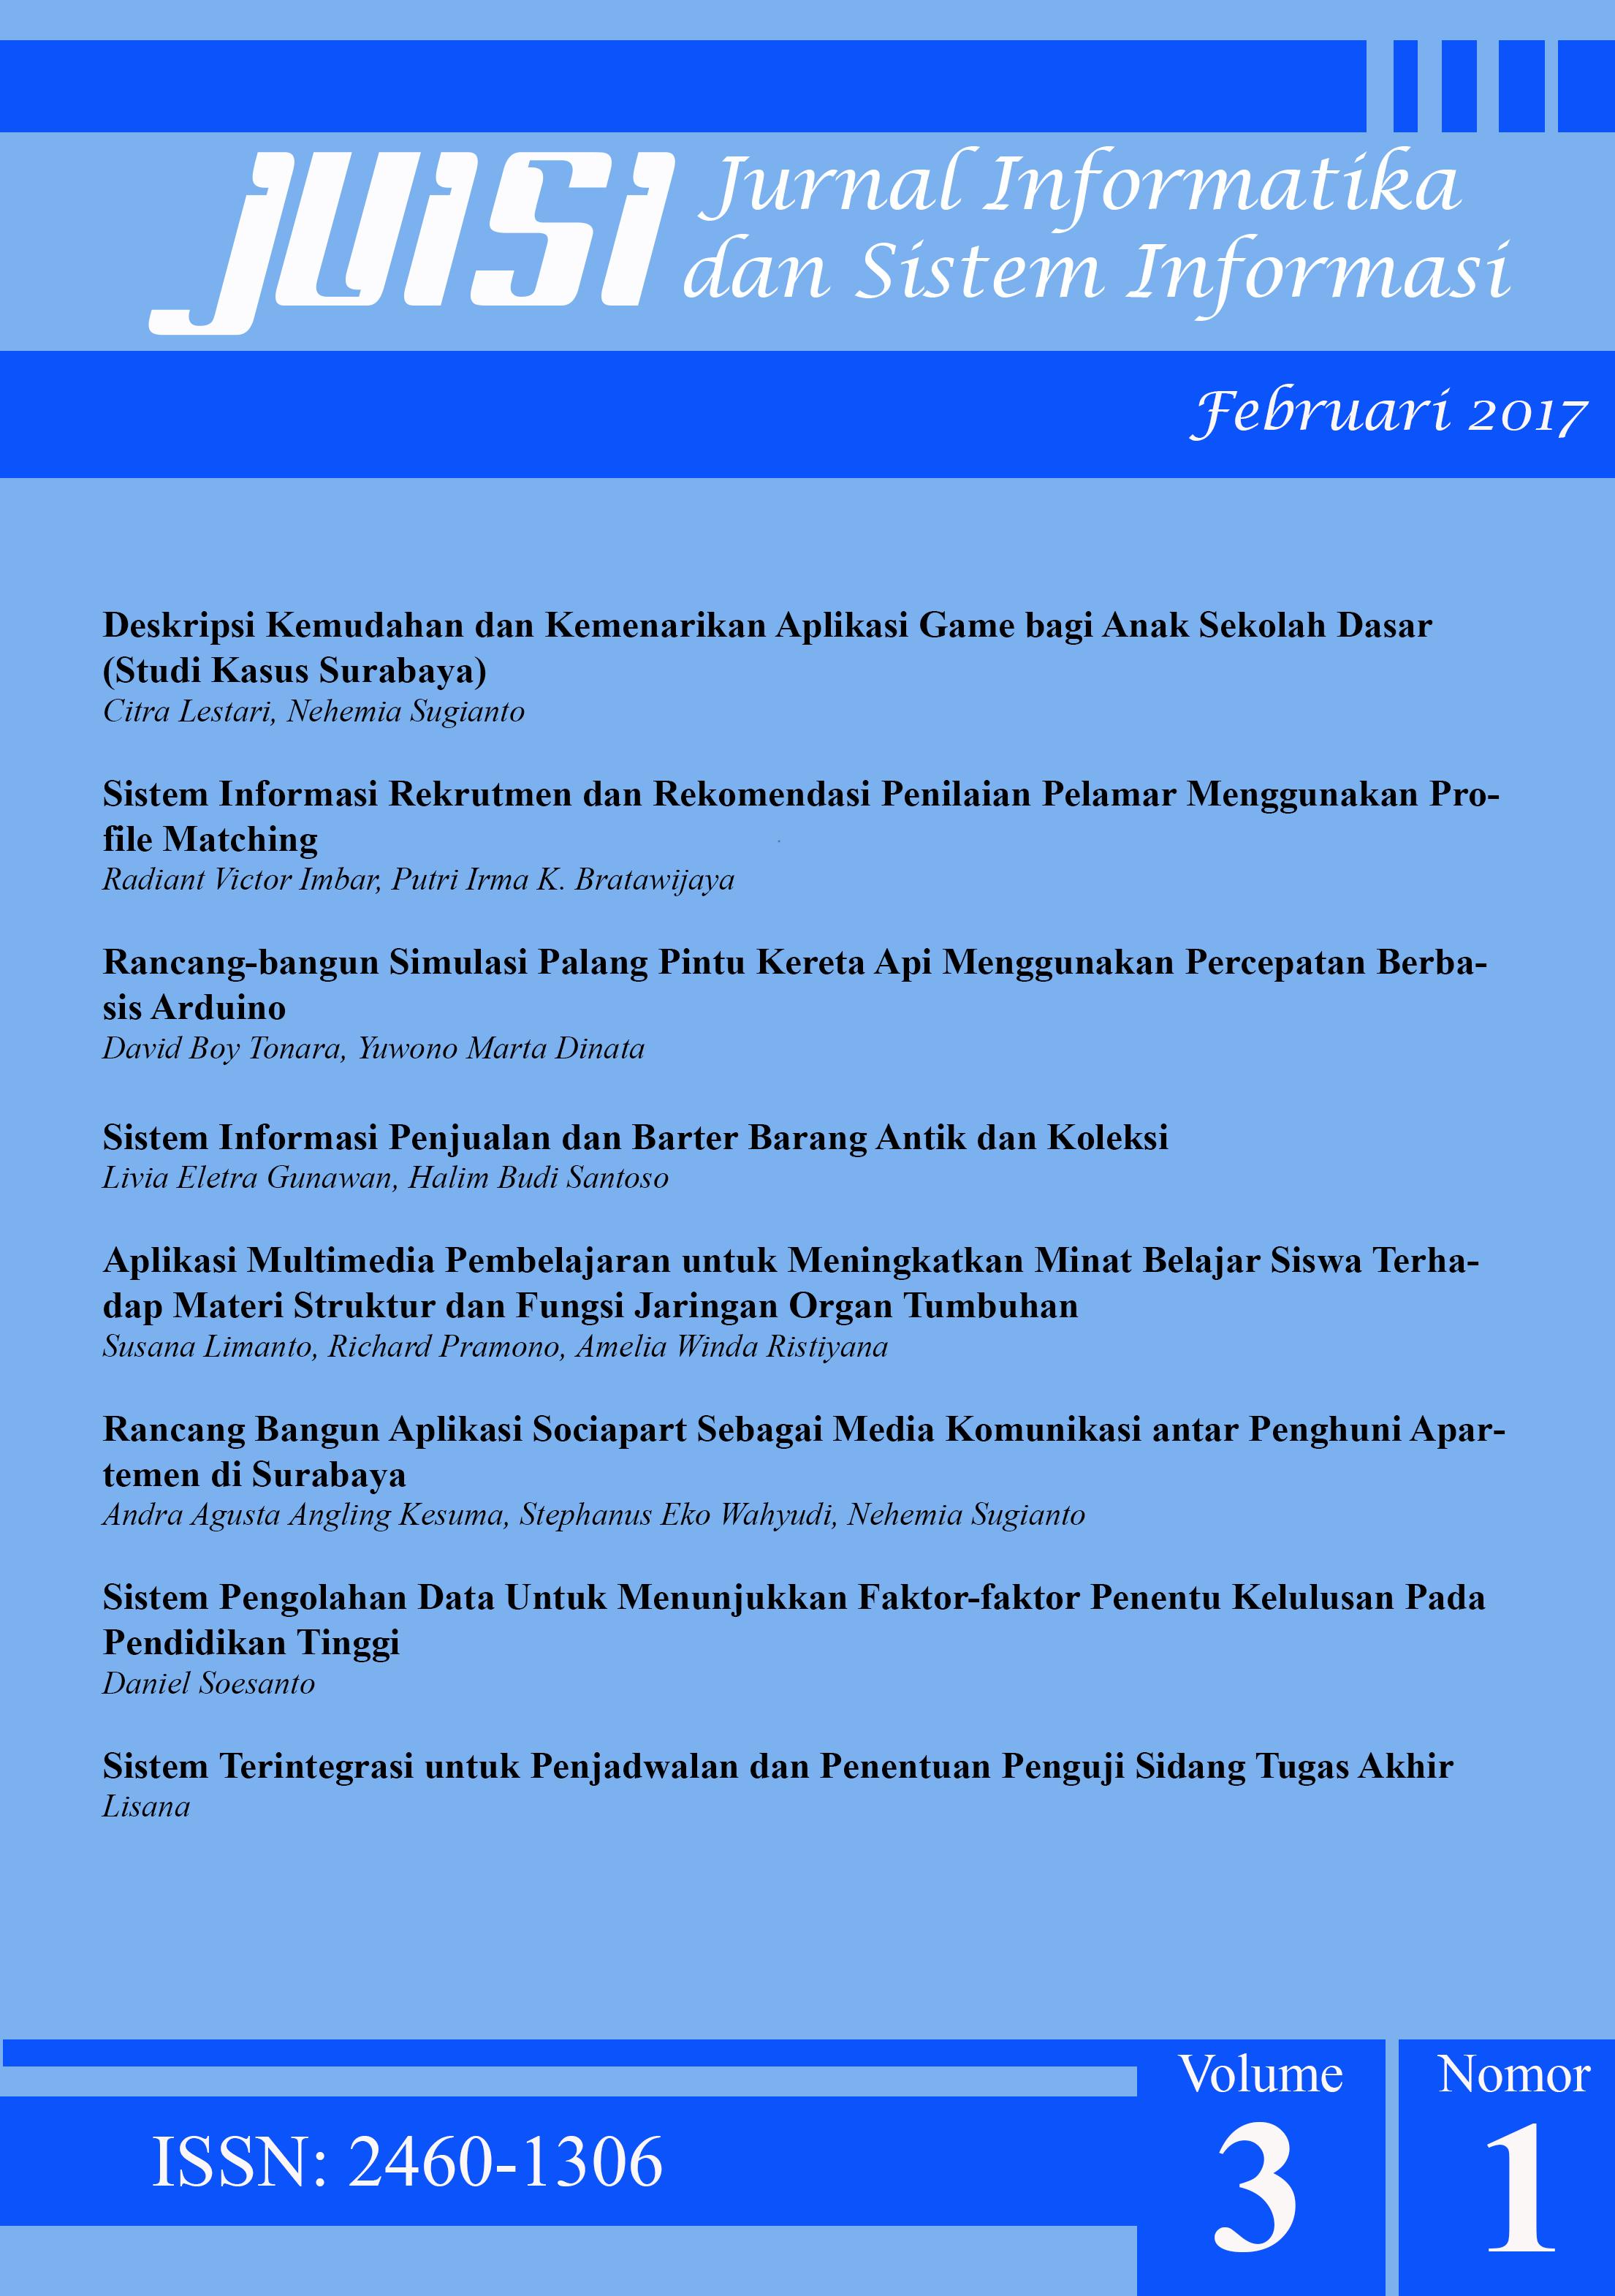 Jurnal Informatika dan Sistem Informasi